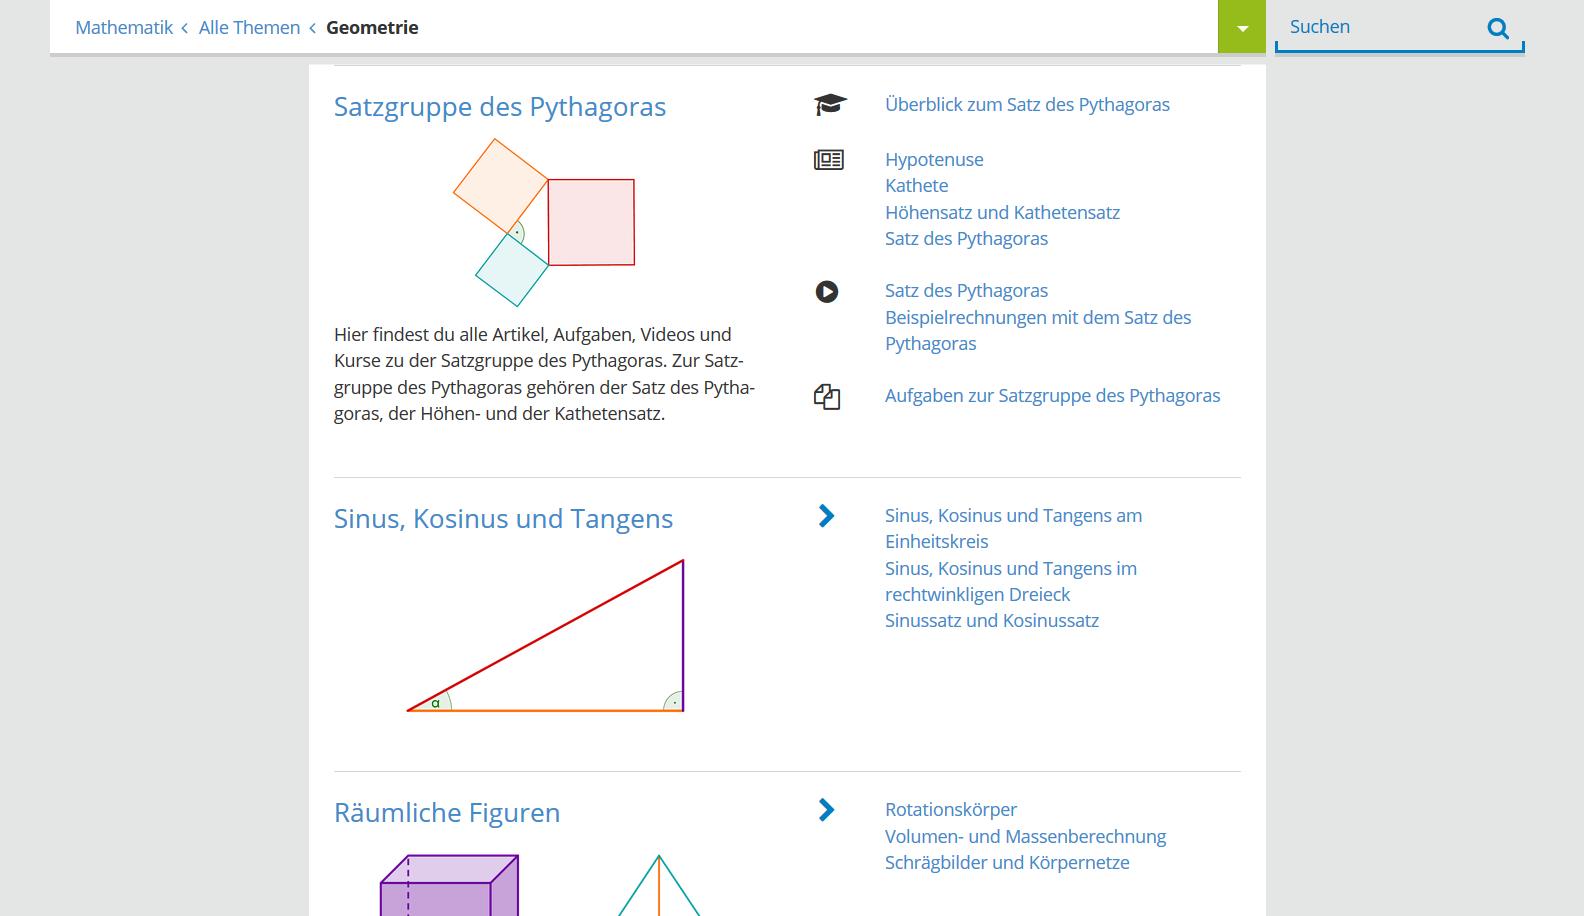 Beispiele aus dem Mathematik-Angebot der Lernplattform  Serlo.org . Auf der Startseite findet man auch Aufgaben aus der Biologie und Infos zur App Serlo ABC.